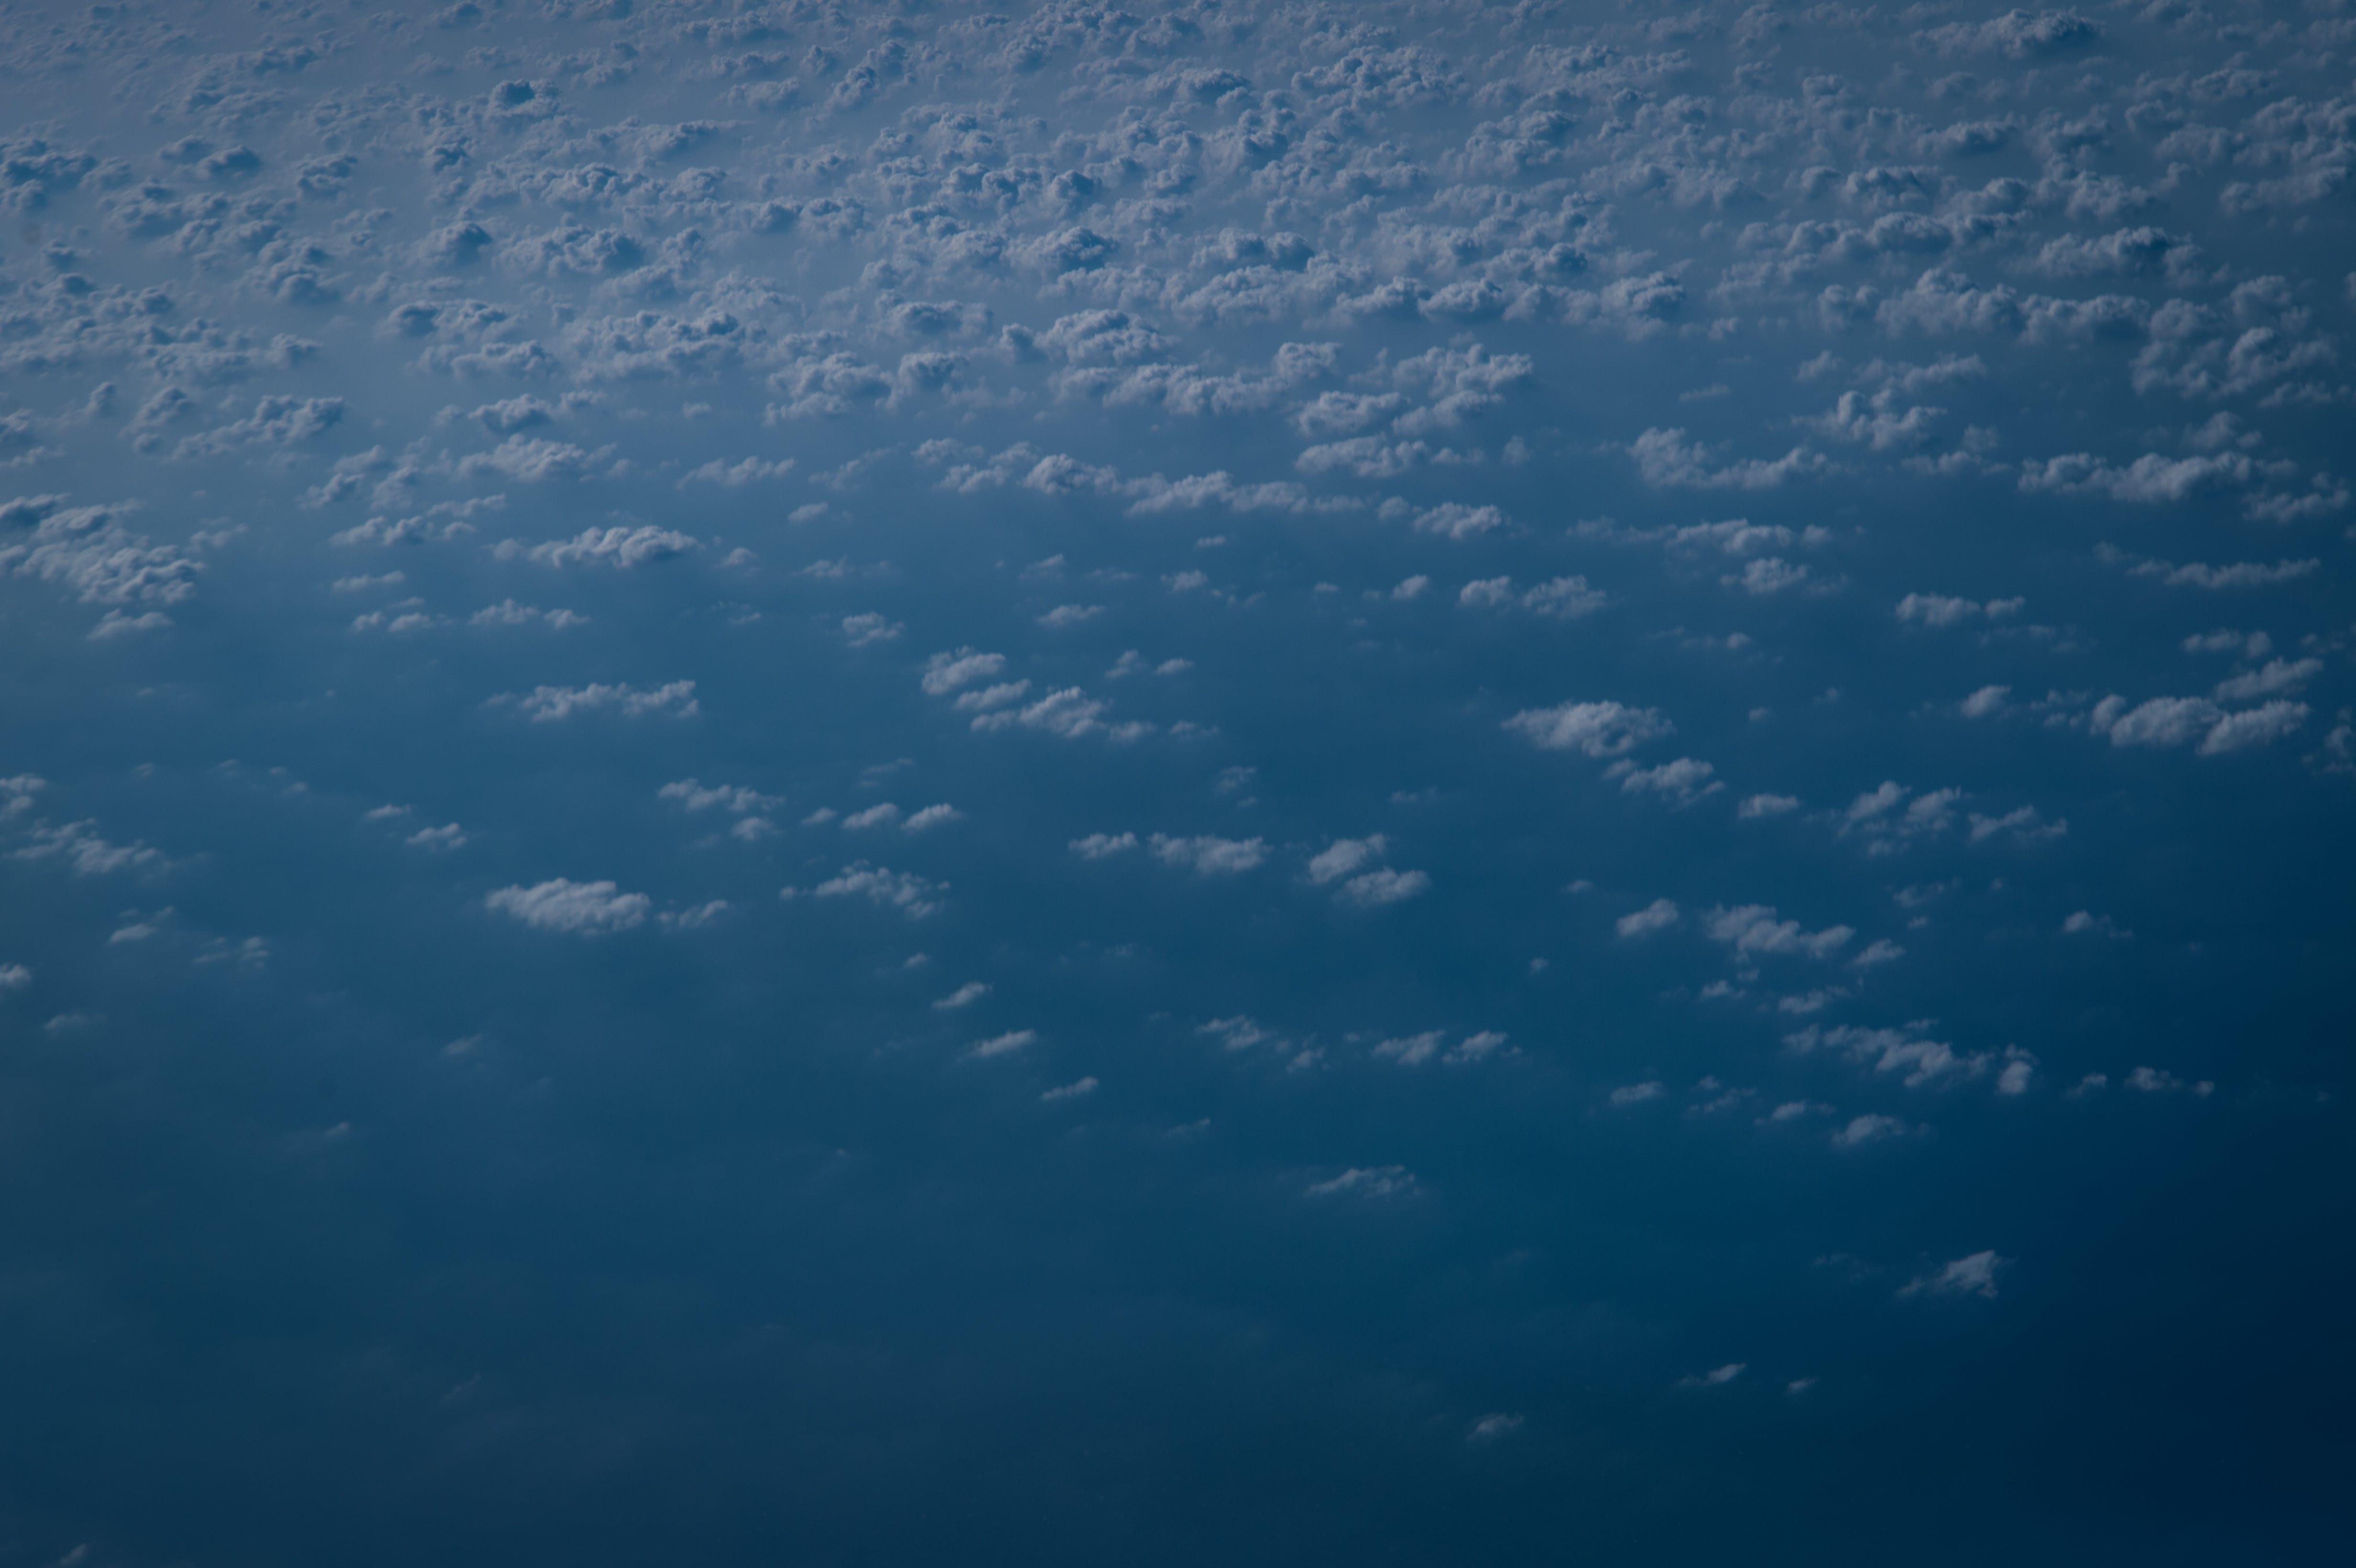 Free stock photo of cloud, ontop, sky